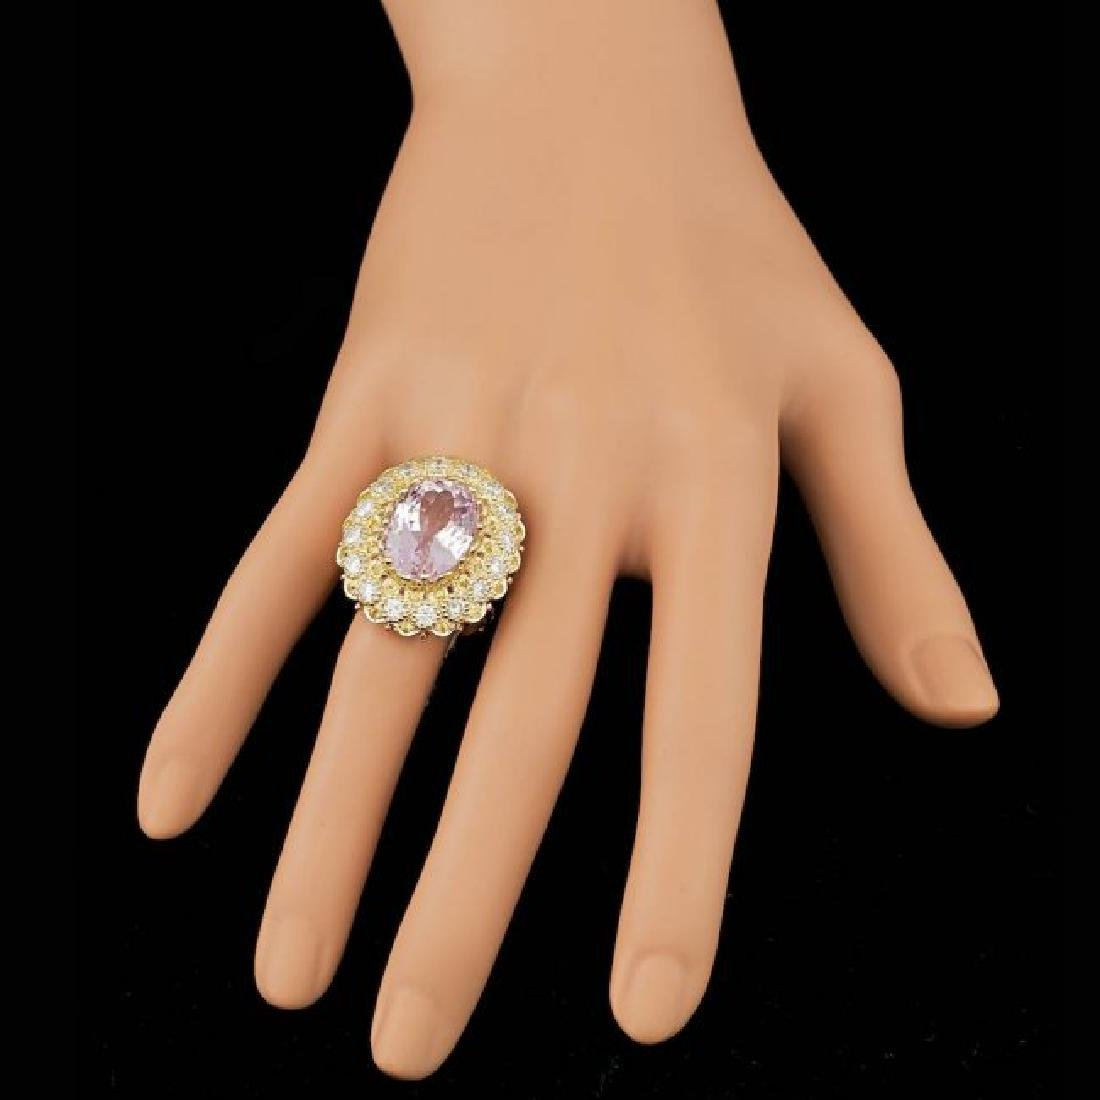 14k Gold 14.00ct Kunzite 2.05ct Diamond Ring - 4